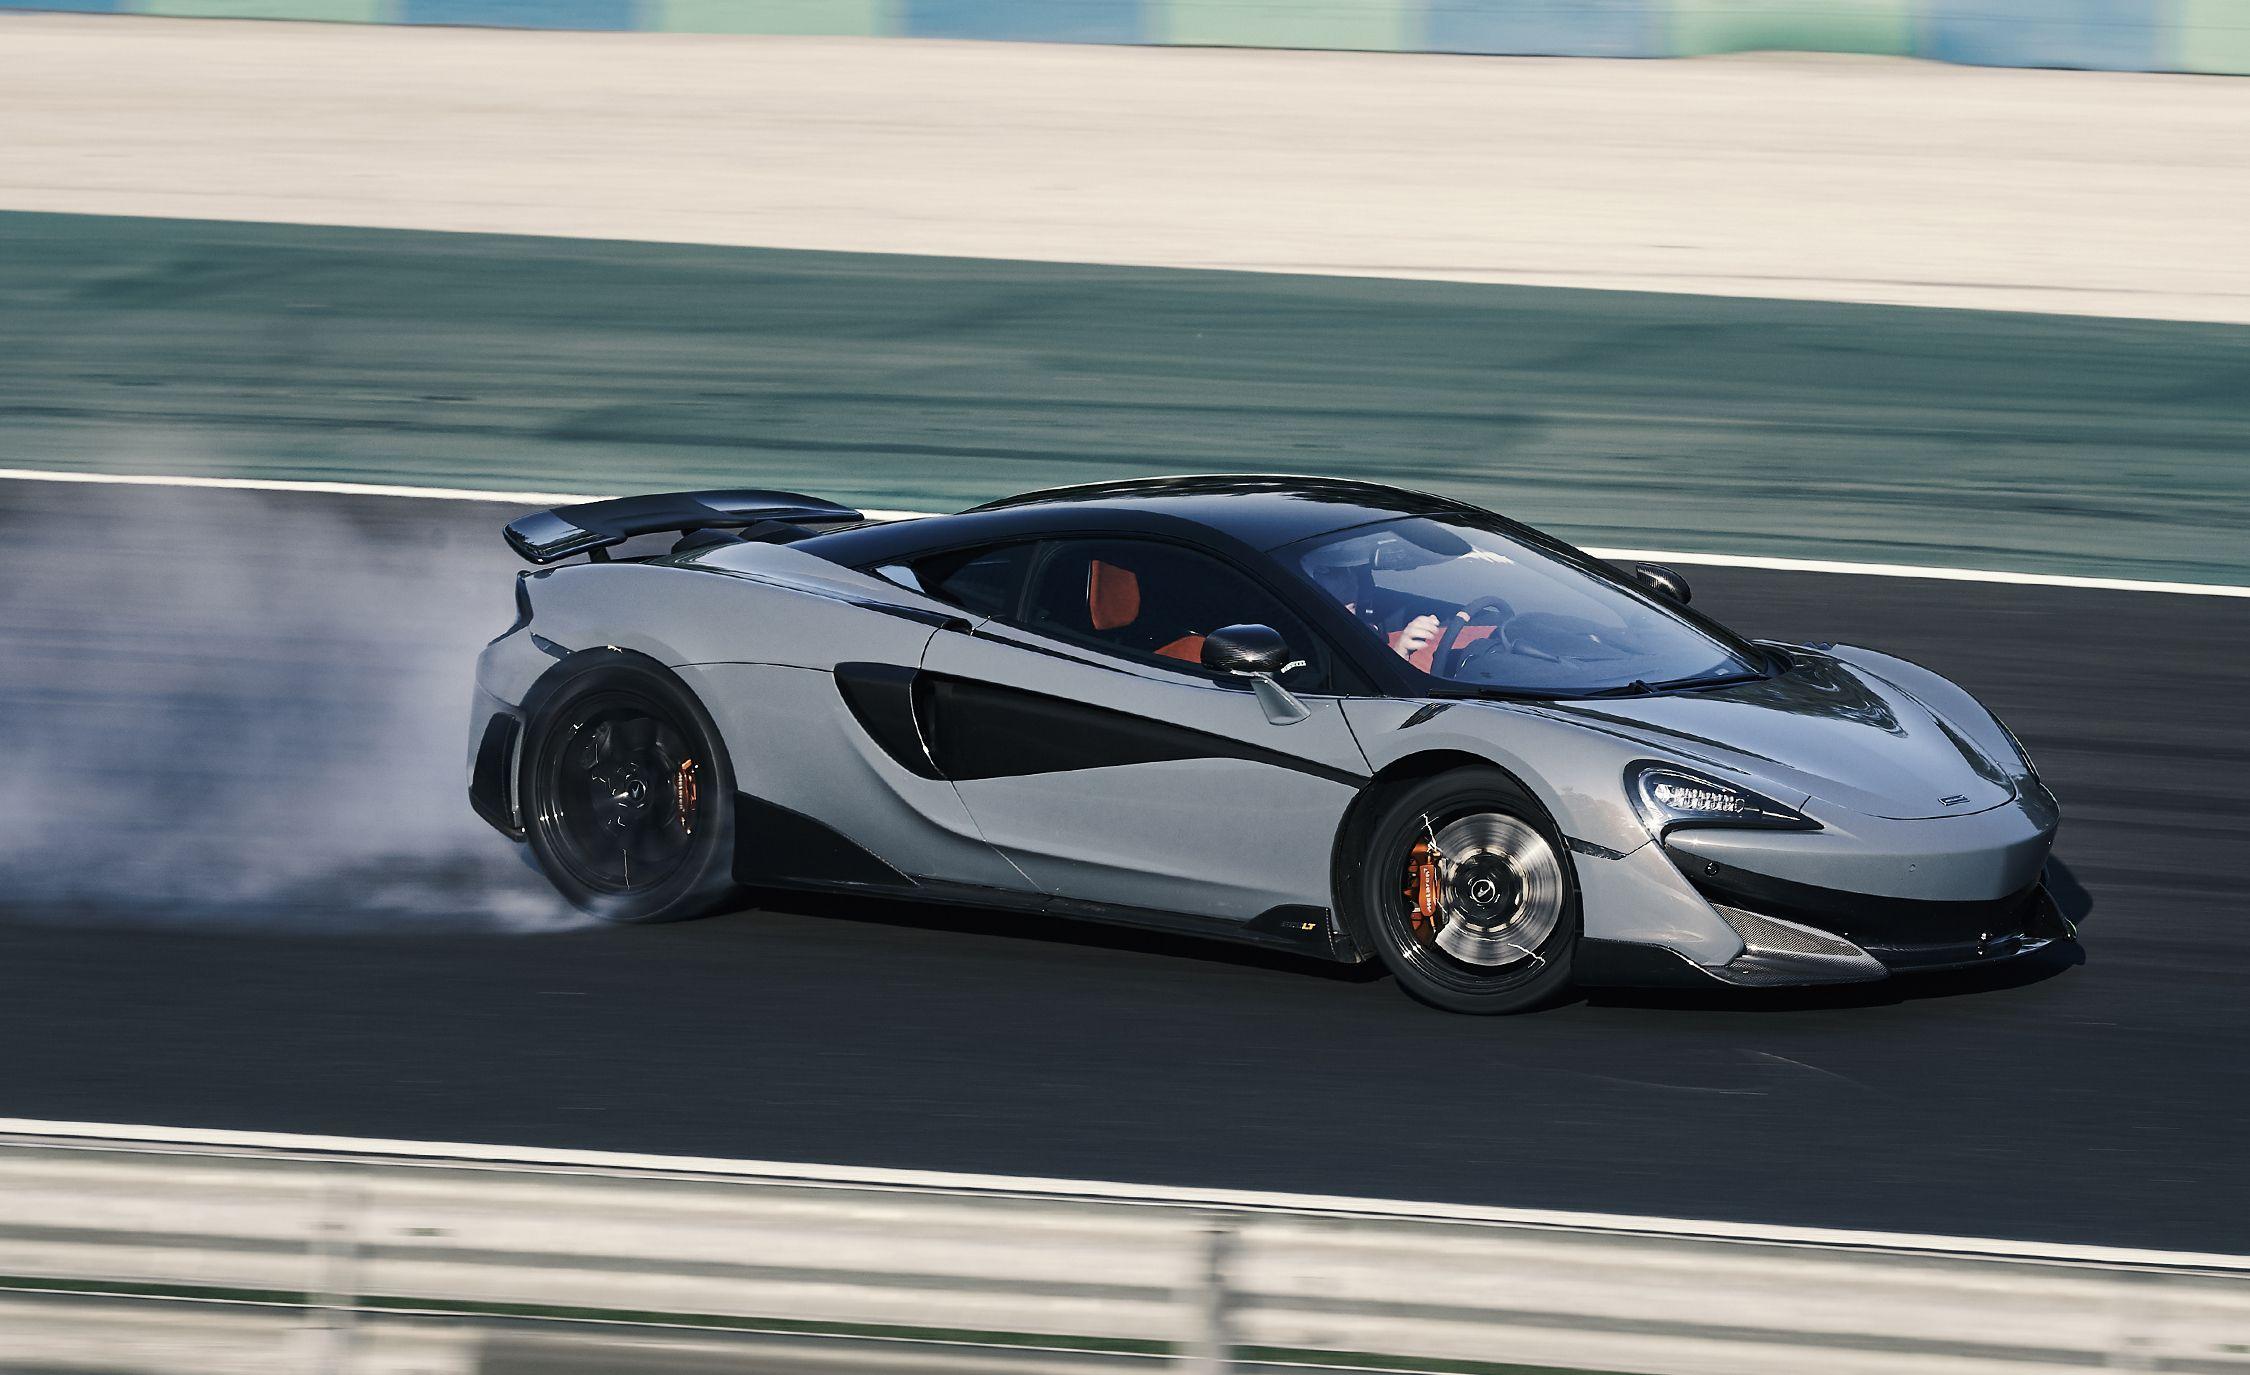 McLaren 600LT Reviews | McLaren 600LT Price, Photos, and ...